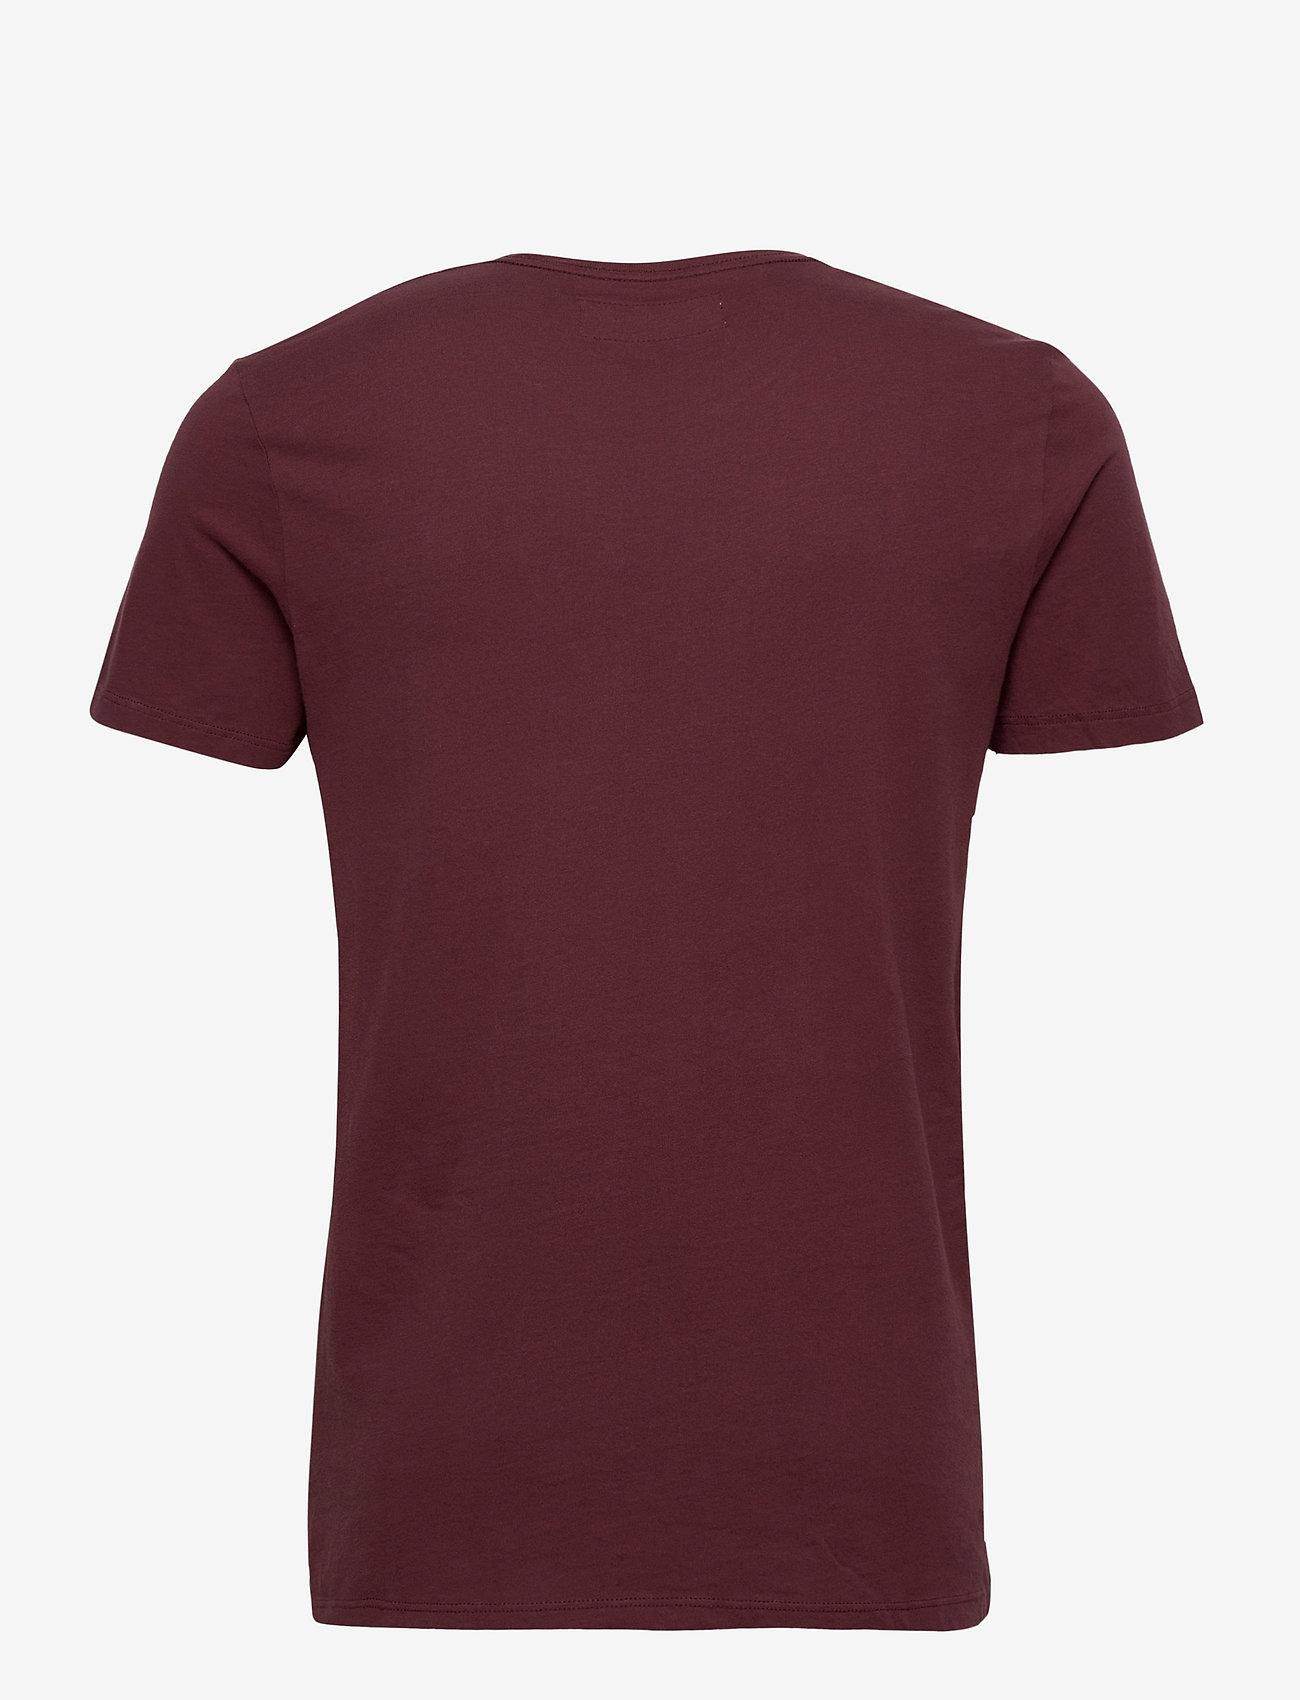 Abercrombie & Fitch MIN-MARKETED CREW - T-skjorter BURGUNDY DD - Menn Klær